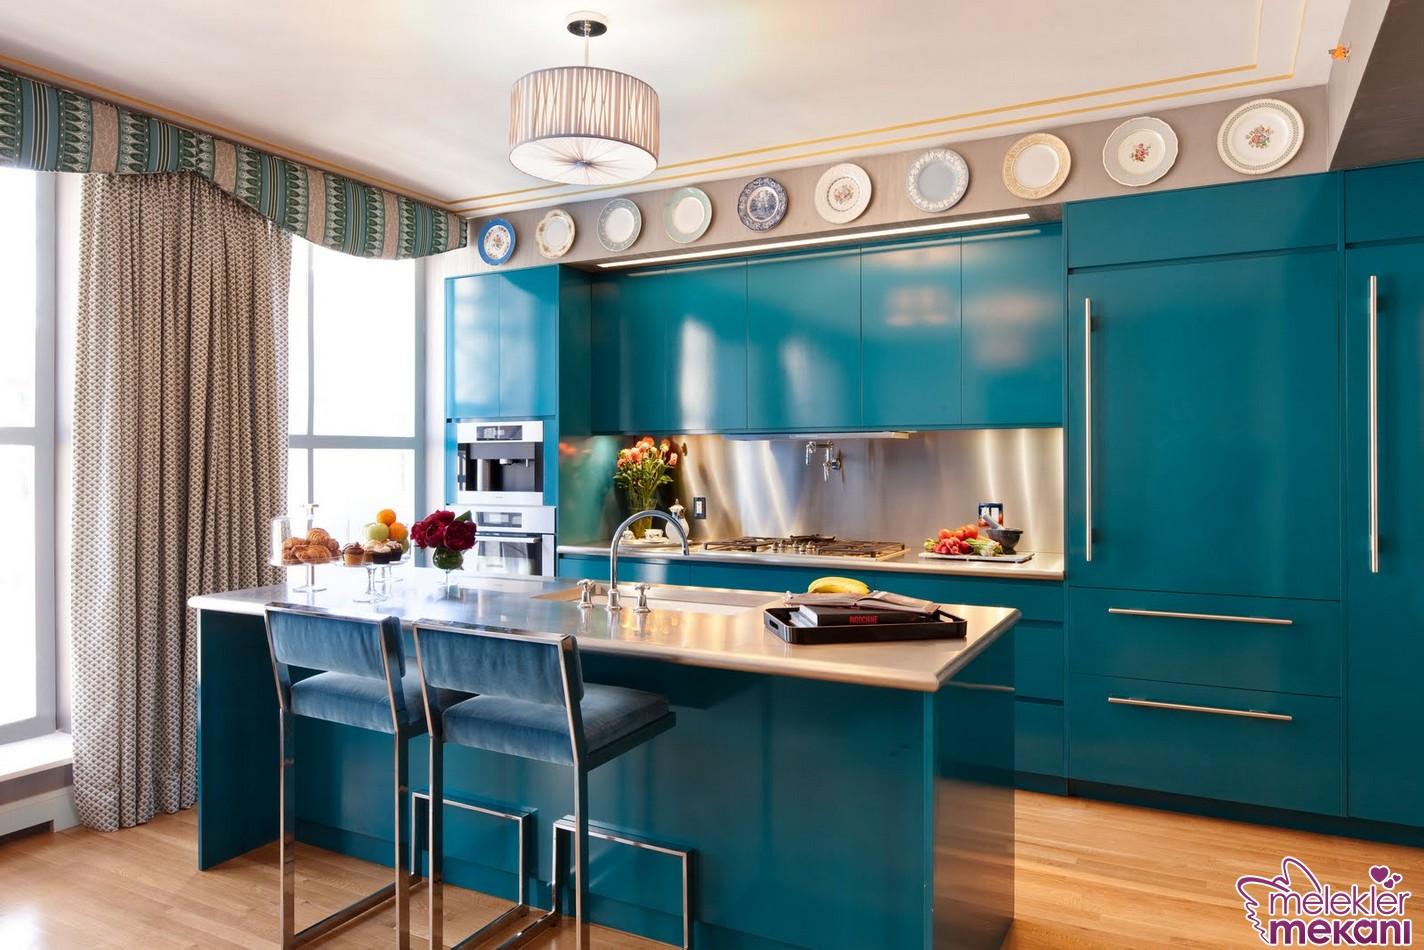 2016 sezonu ada mutfak modelleri seçiminizde turkuaz rengi mutfağınıza davet edebilirsiniz.